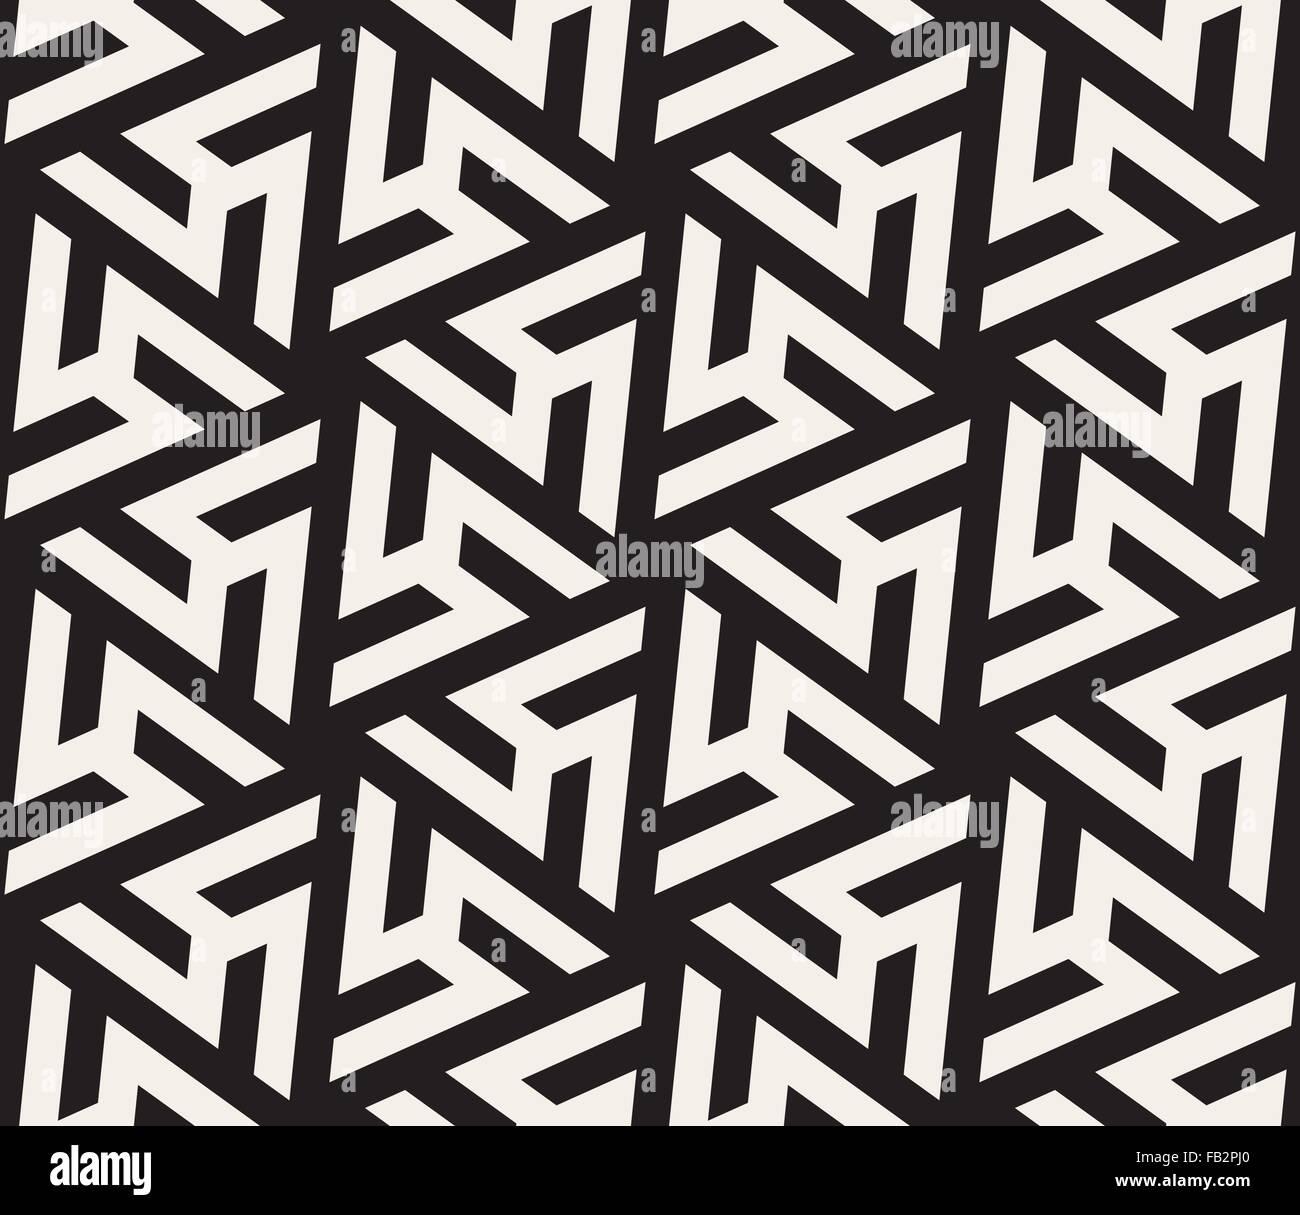 Seamless Vector Noir Et Blanc En Forme De Triangle Motif Geometrique Carrelage Image Vectorielle Stock Alamy